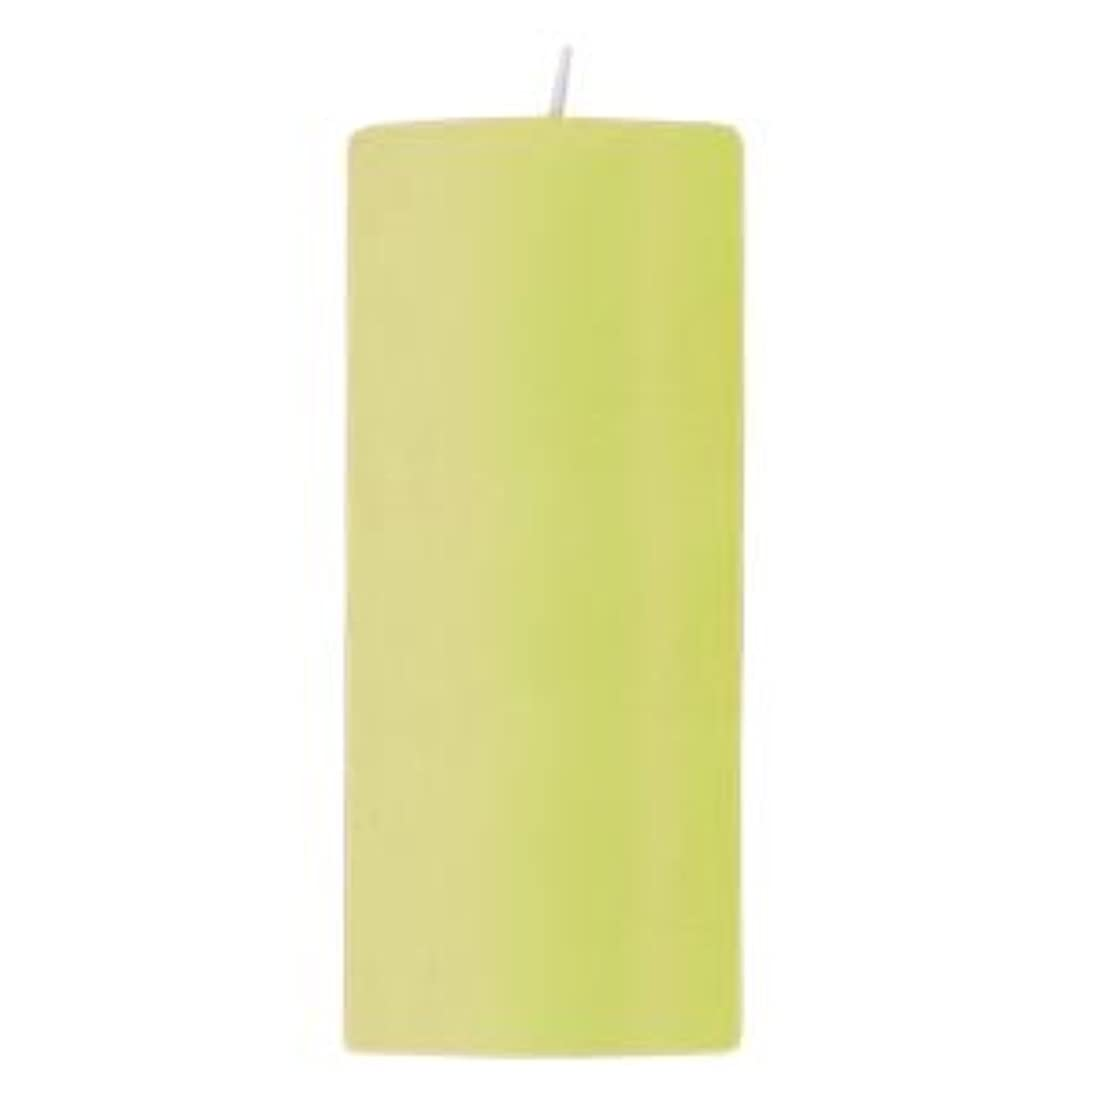 振る舞う放射能確かにキャンドル 2?3/4 ×6  ラウンド ライトグリーン